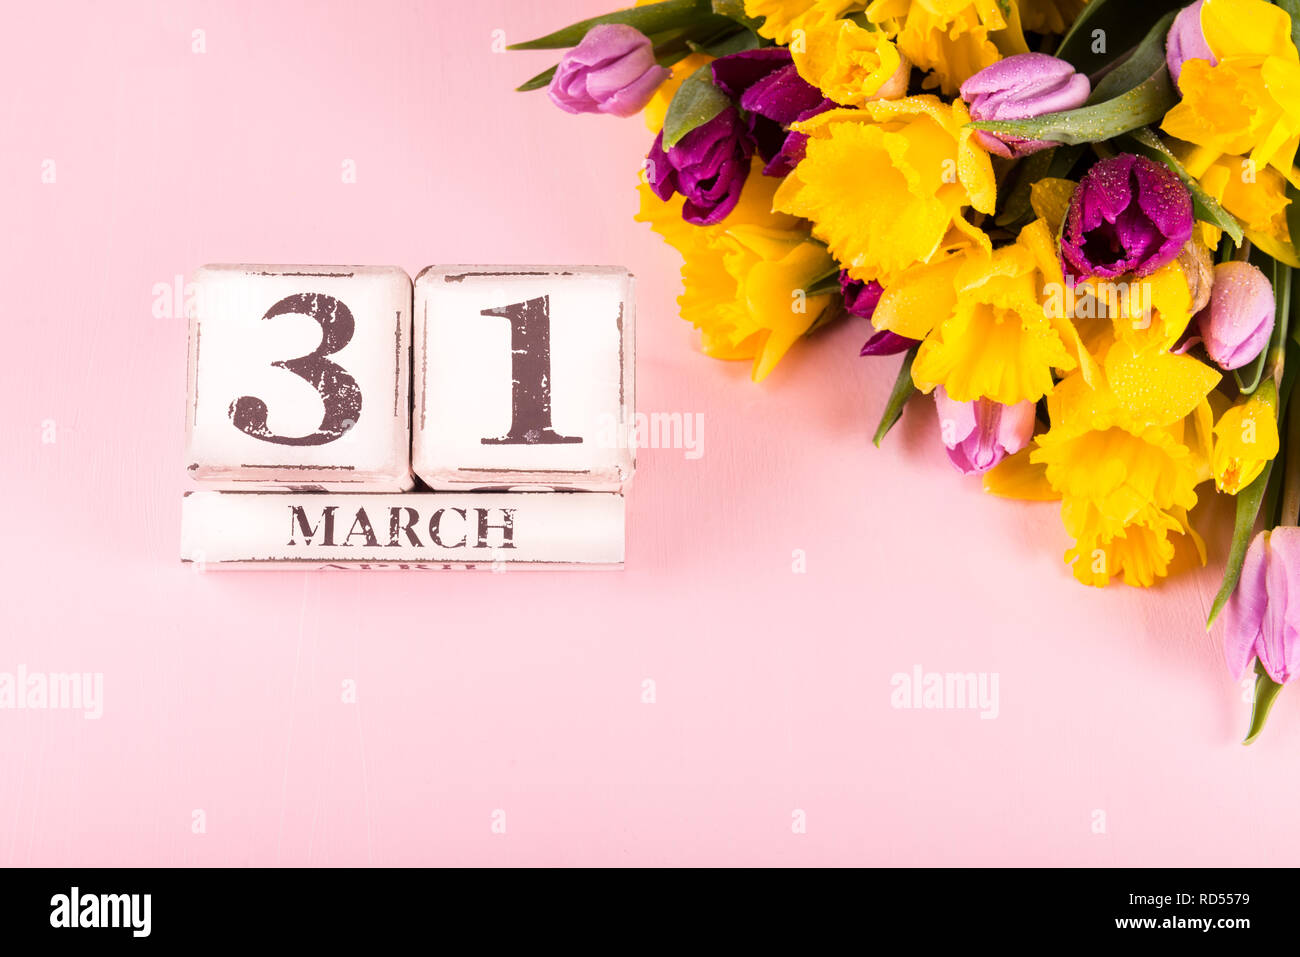 Date De La Fête Des Mères Au Royaume Uni Le 31 Mars Pour Lannée